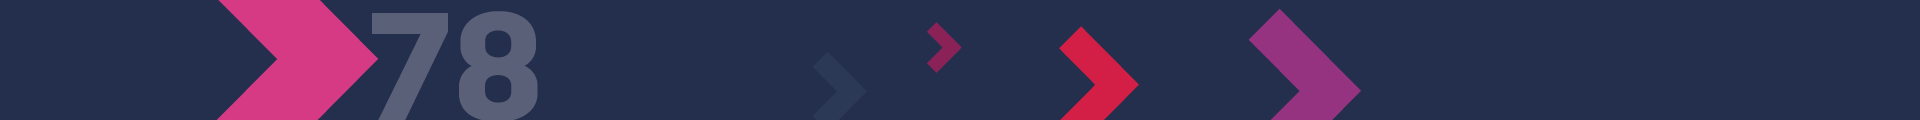 Chambre de commerce et d 39 industrie versailles yvelines cci 78 pour les cr ateurs entreprises - Chambre de commerce yvelines ...